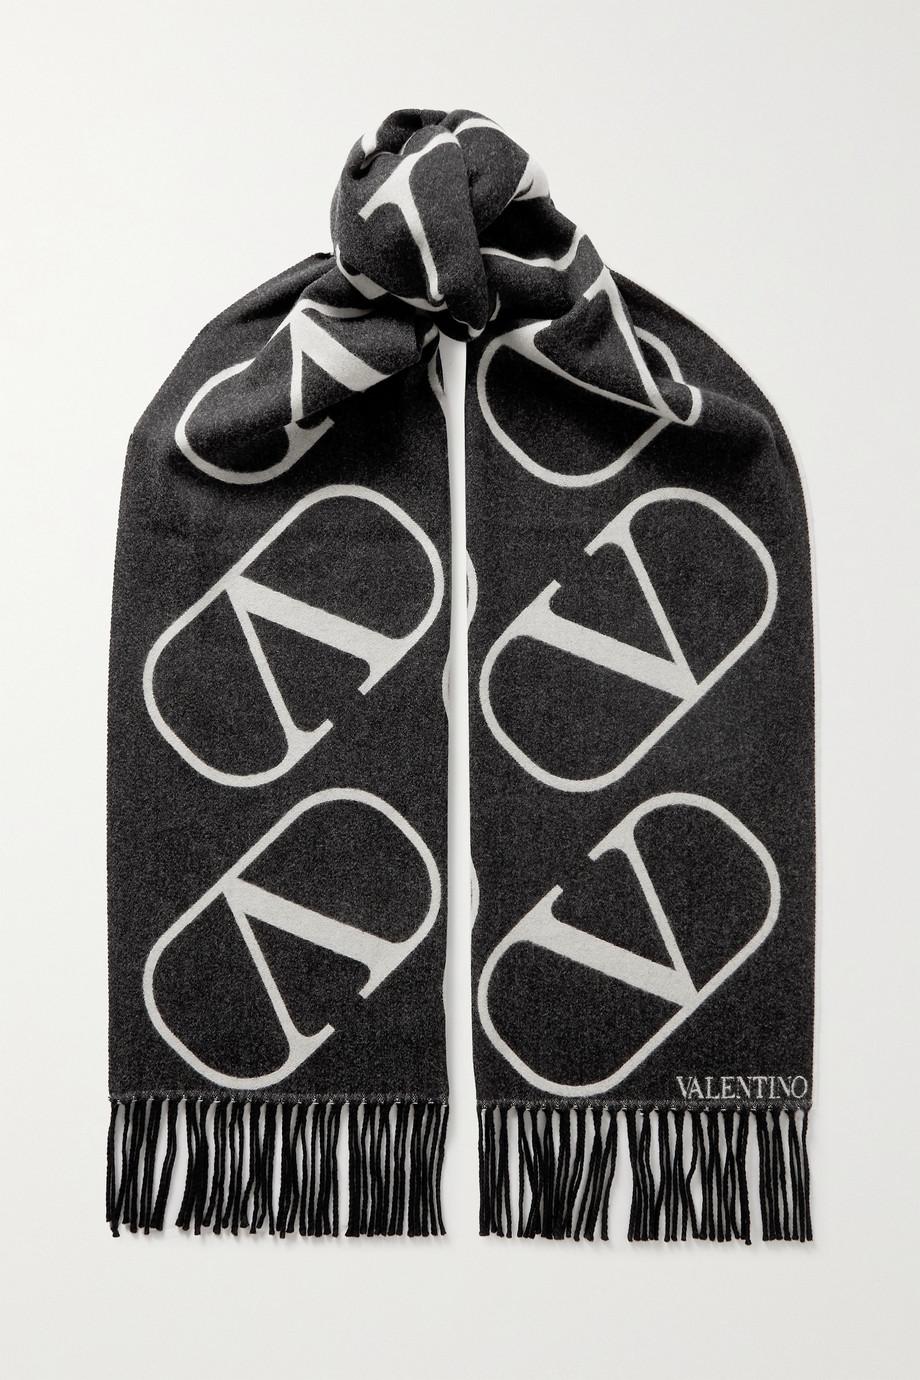 Valentino Valentino Garavani Schal aus einer Woll-Kaschmirmischung mit Intarsienmuster und Fransen